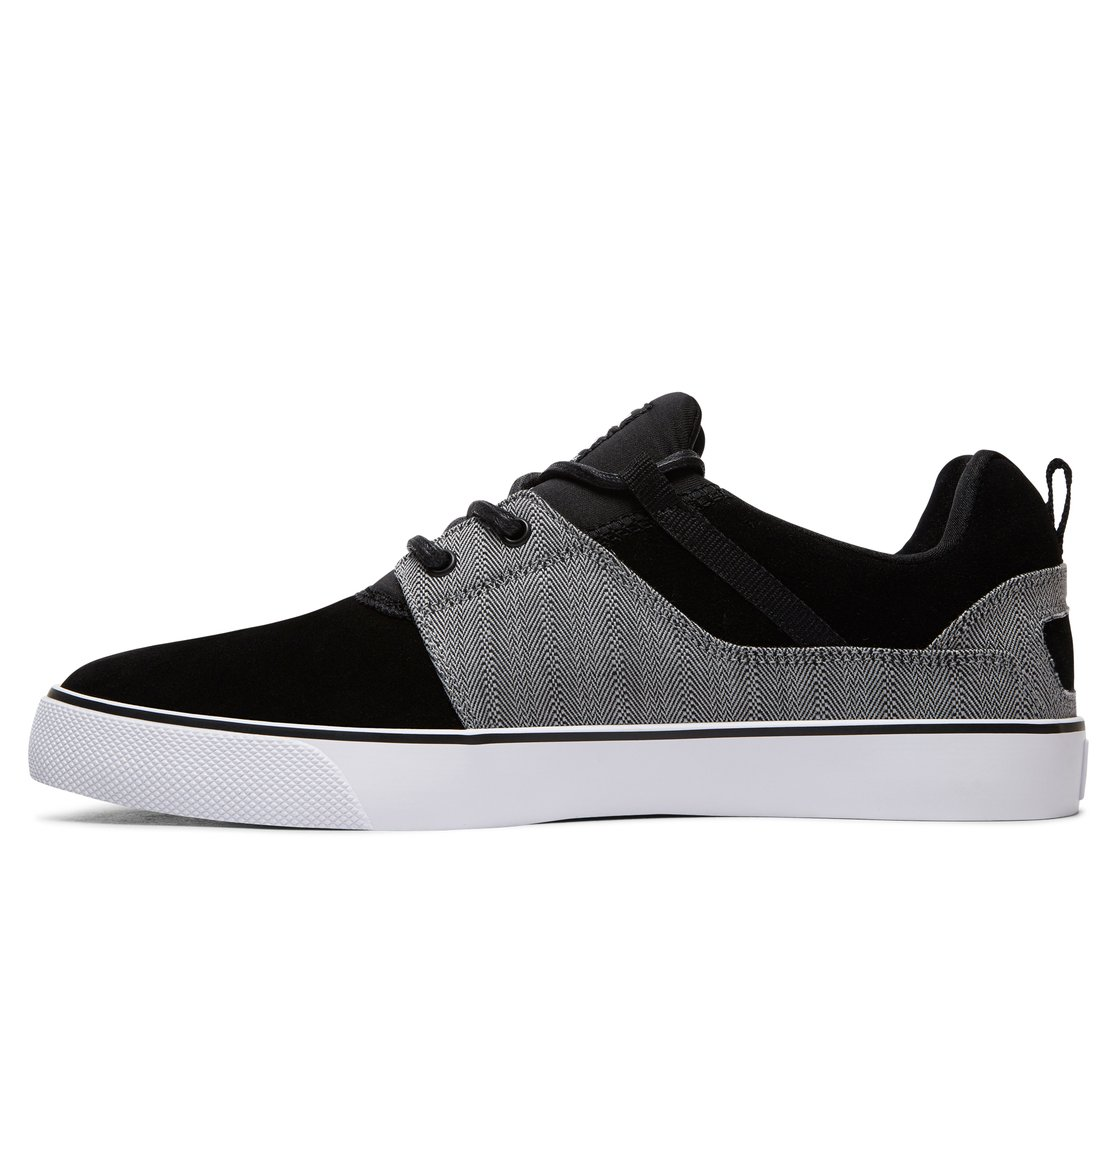 DC Shoes Men's Heathrow Shoes Low Top Shoes Black -13 sAUimx